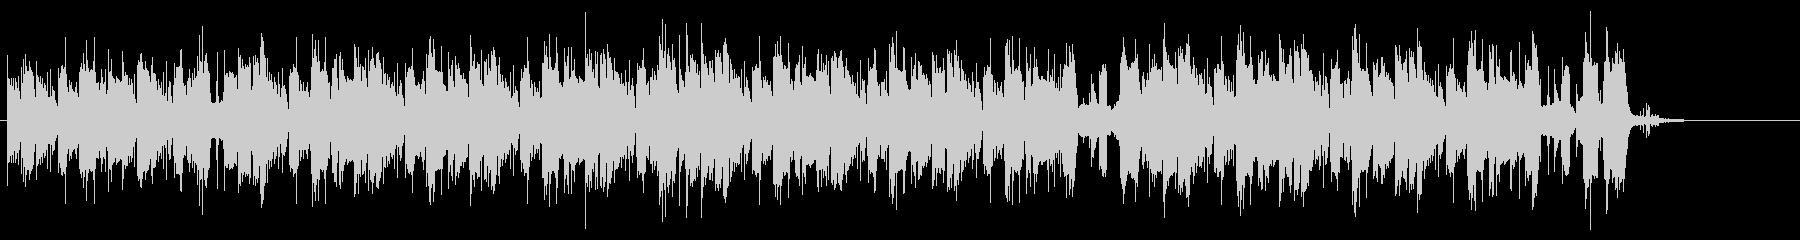 texture8の未再生の波形